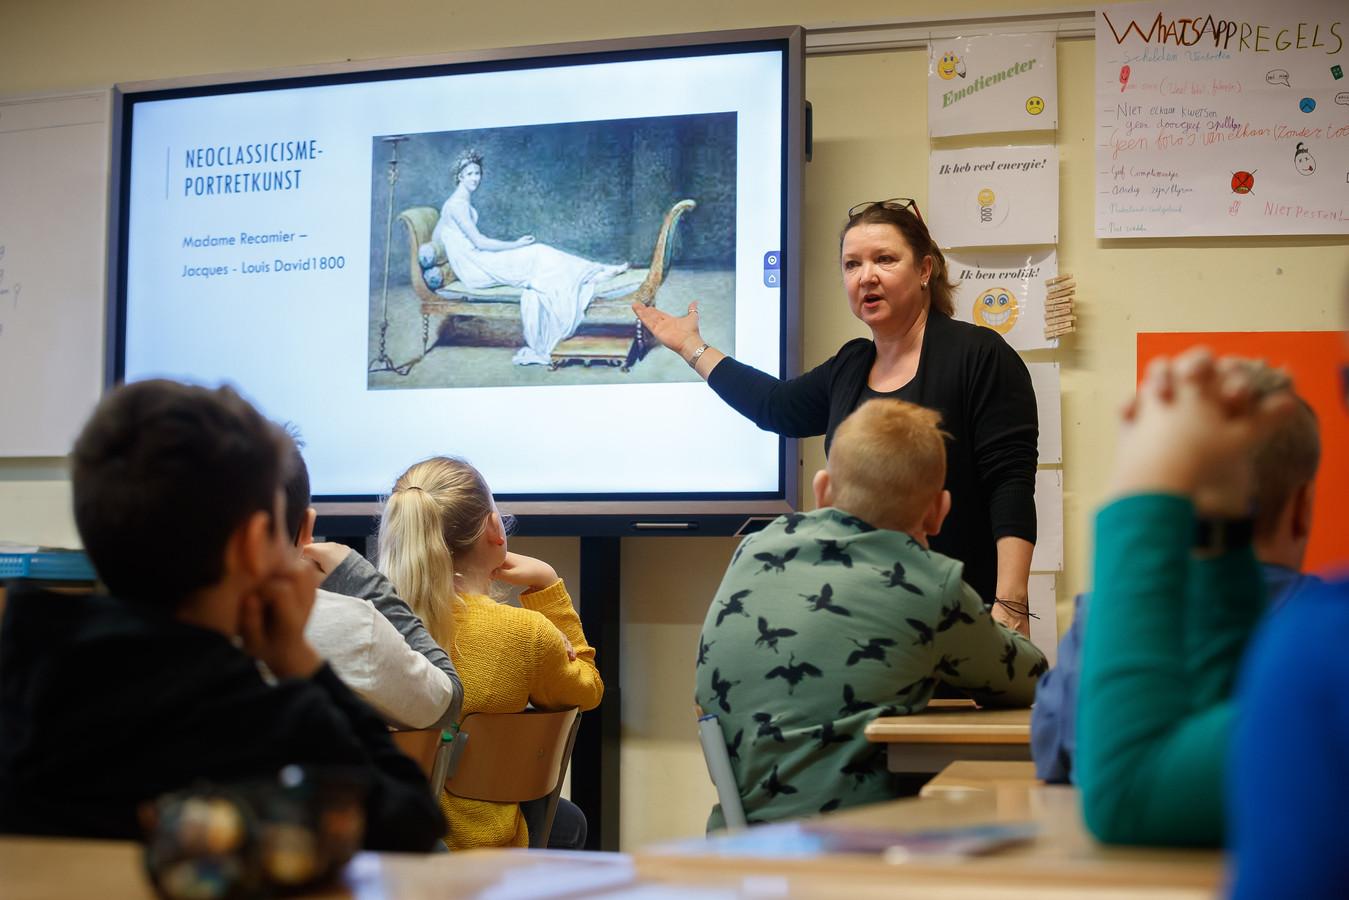 San Vermaas staat voor groep 7/8 van basisschool De Toren om daar cultuurles kunstgeschiedenis te geven.